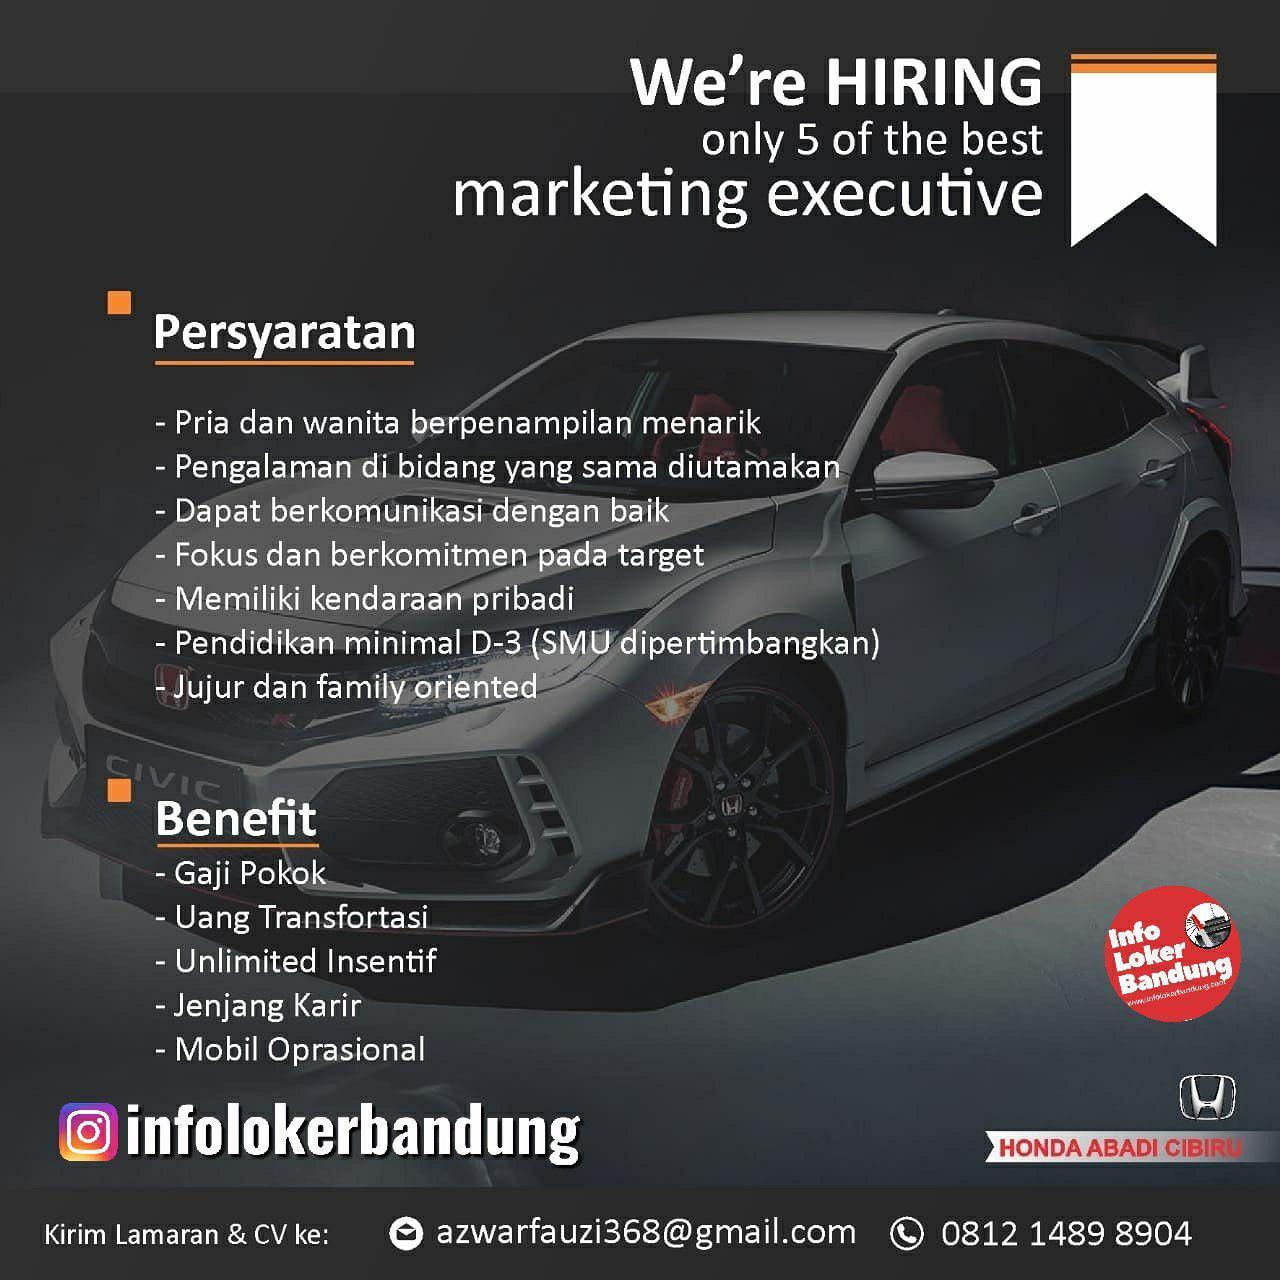 Lowongan Kerja Marketing Executive Honda Abadi Cibiru Bandung Agustus 2019